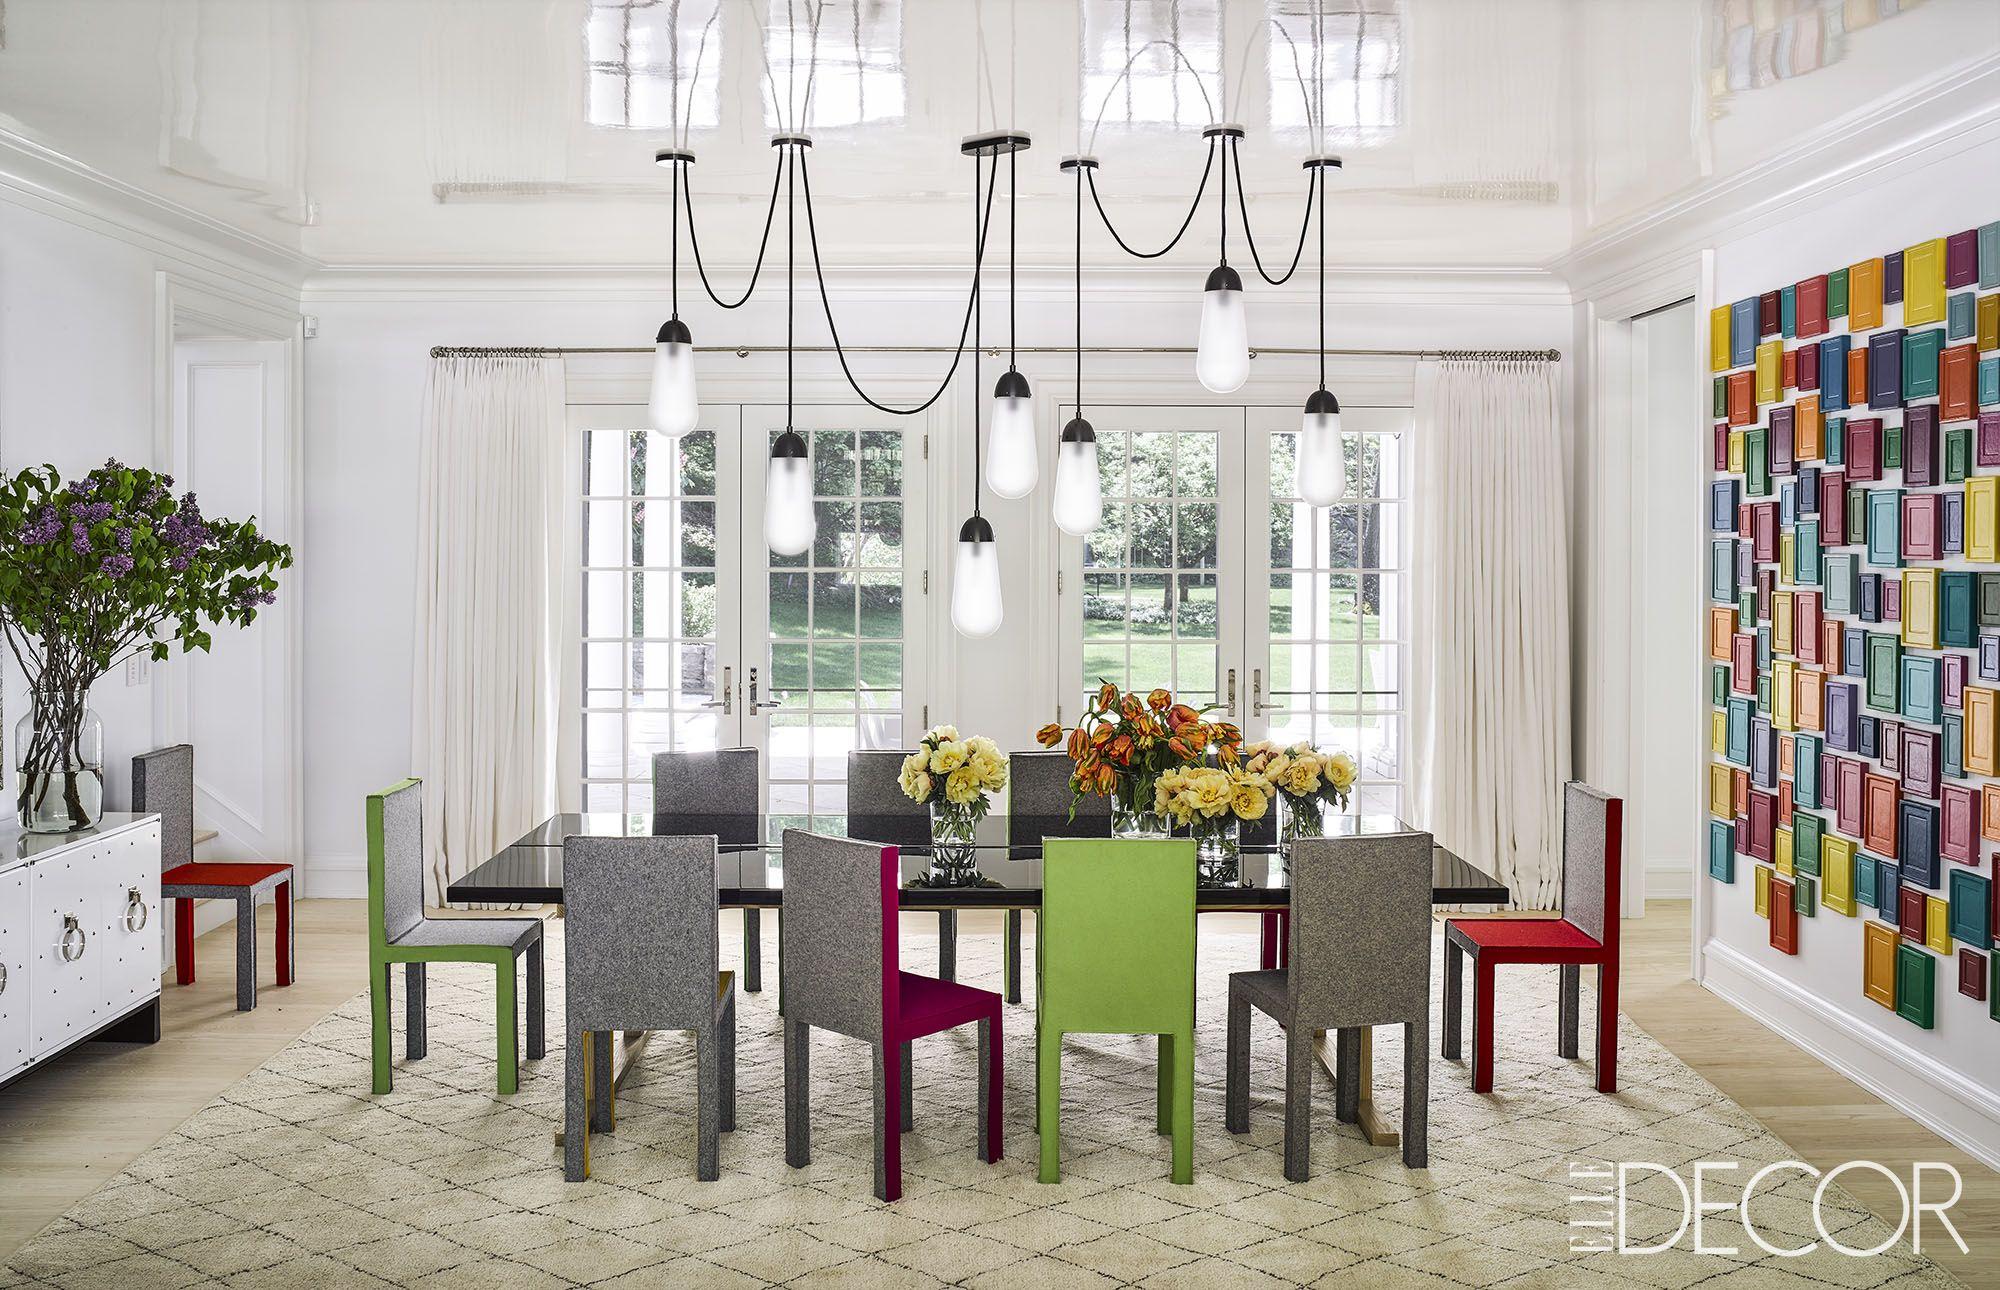 Dining Room Light Fixtures. Douglas Friedman. Uneven Lighting